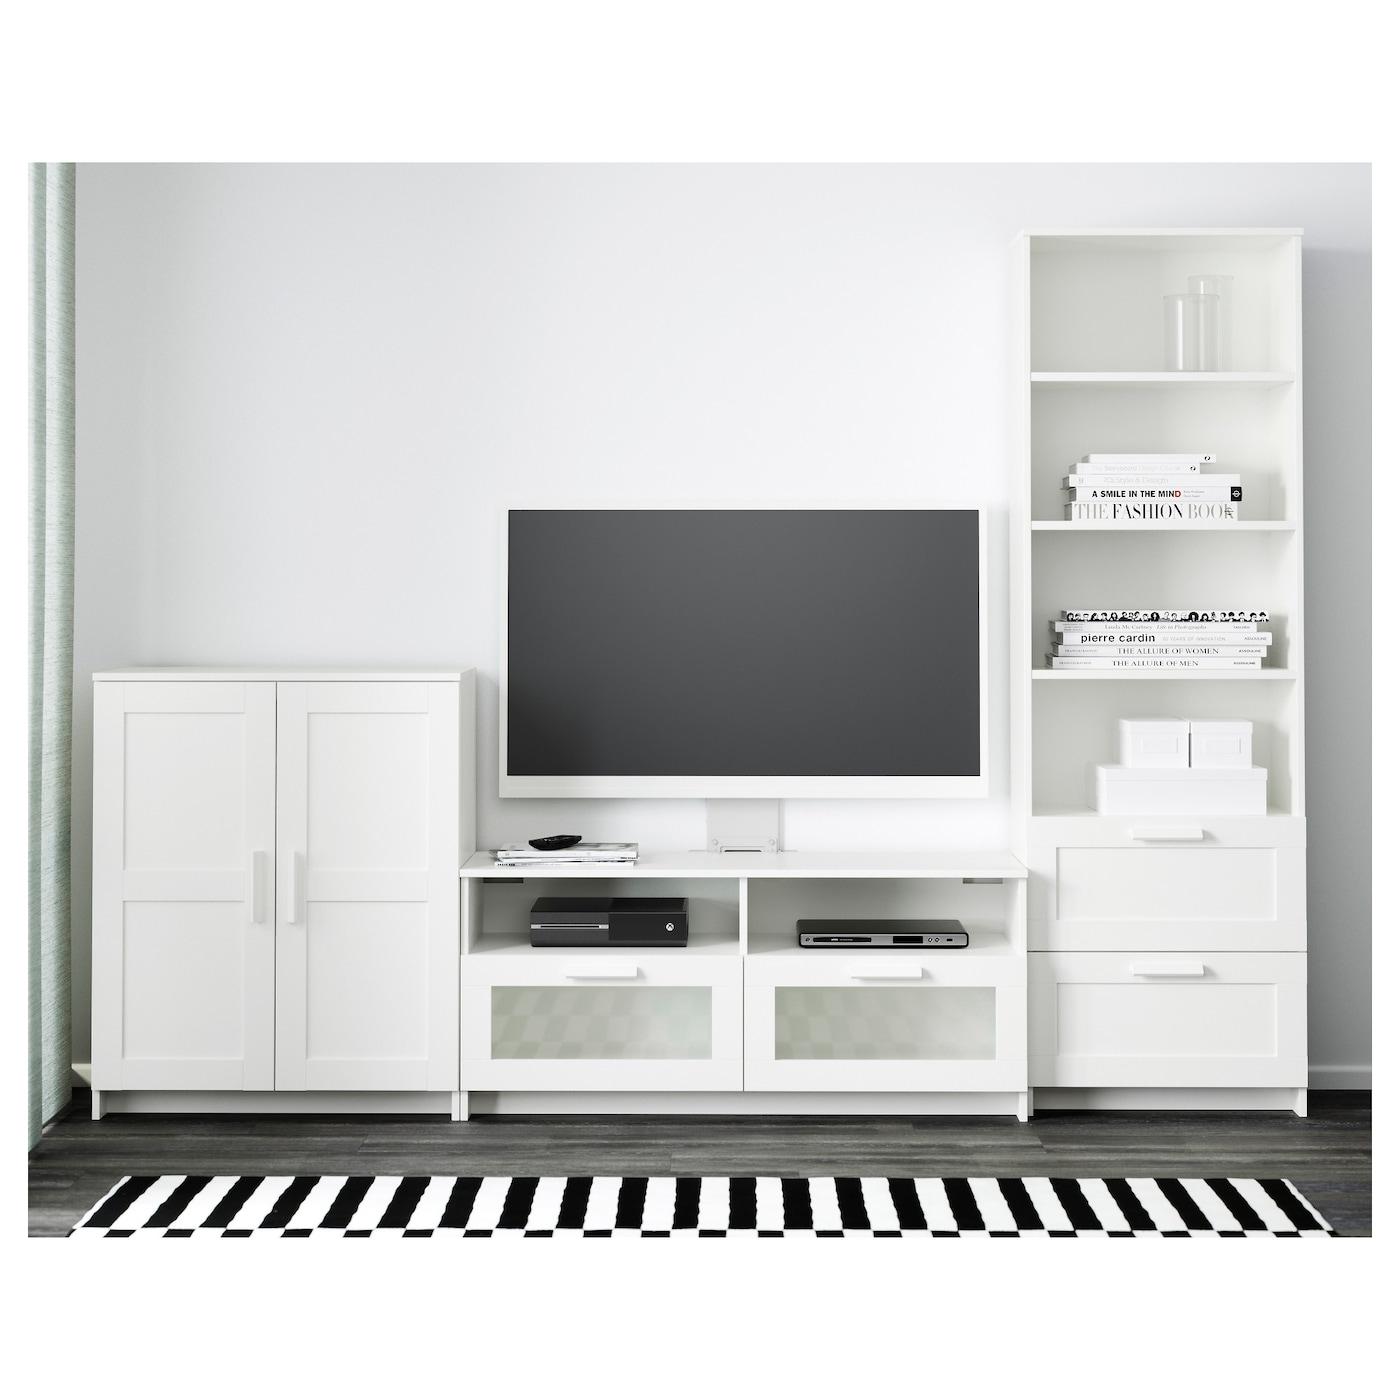 Meuble Tv Colonne Ikea brimnes combinaison meuble tv - blanc 258x41x190 cm